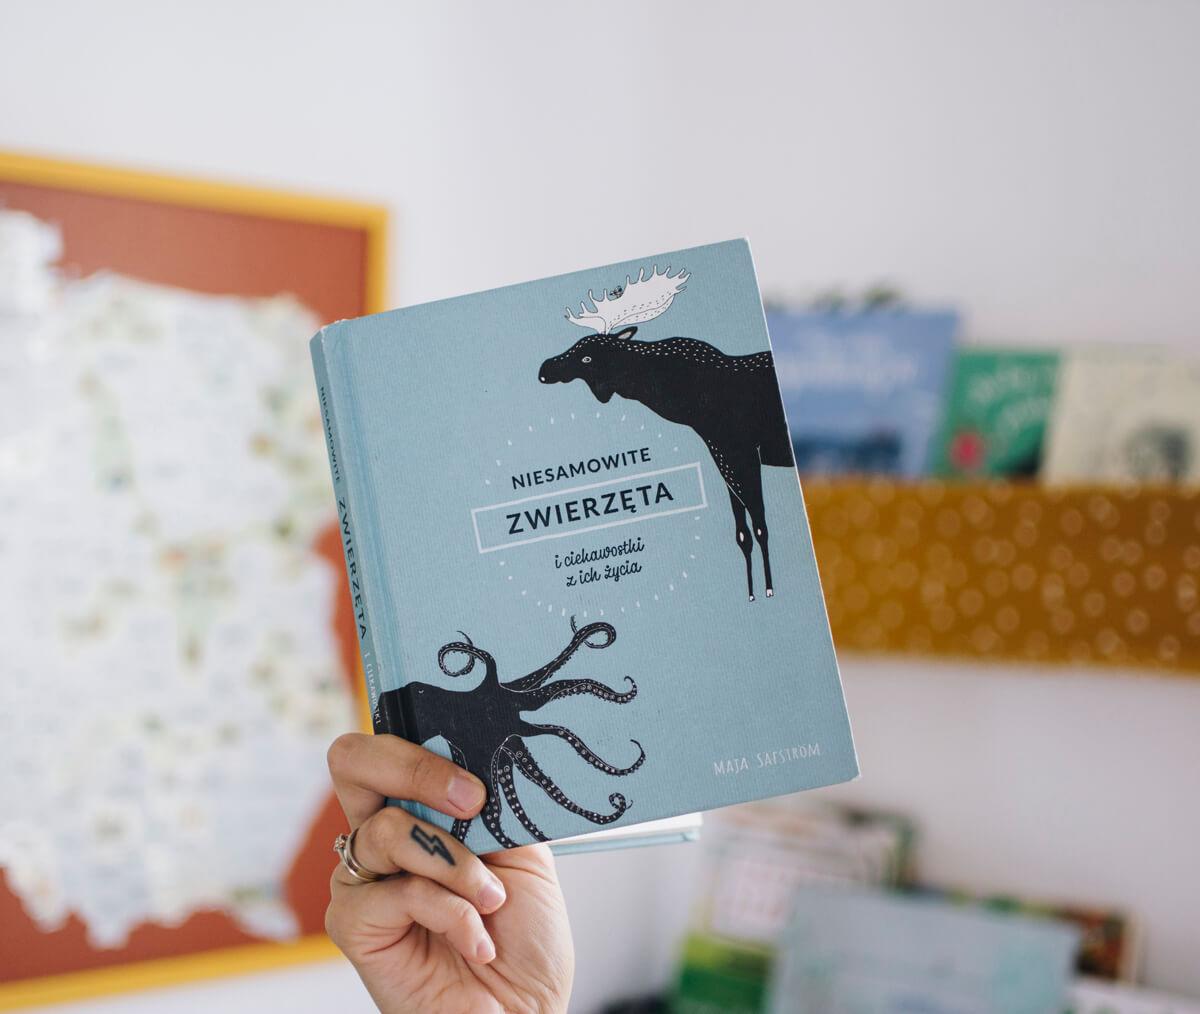 Niesamowite zwierzęta Maja Säfström